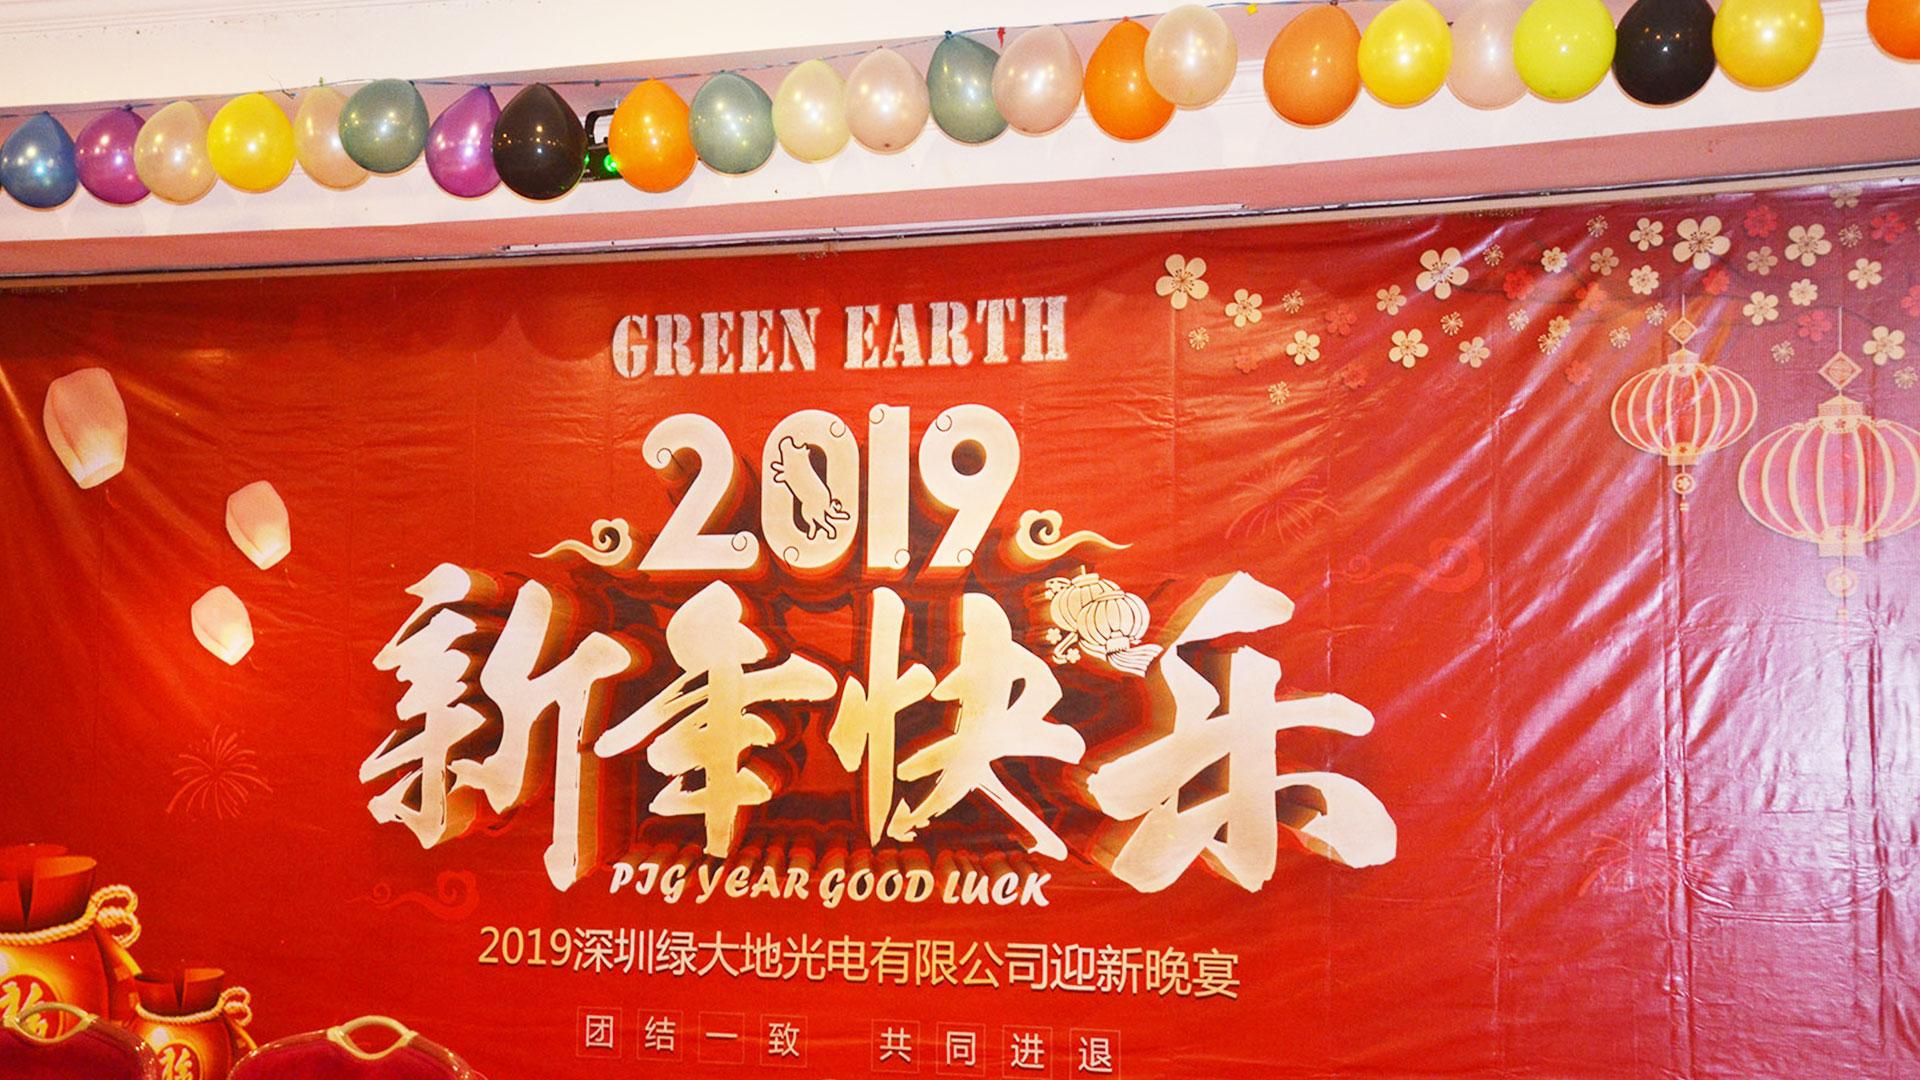 End-2019 Celebration